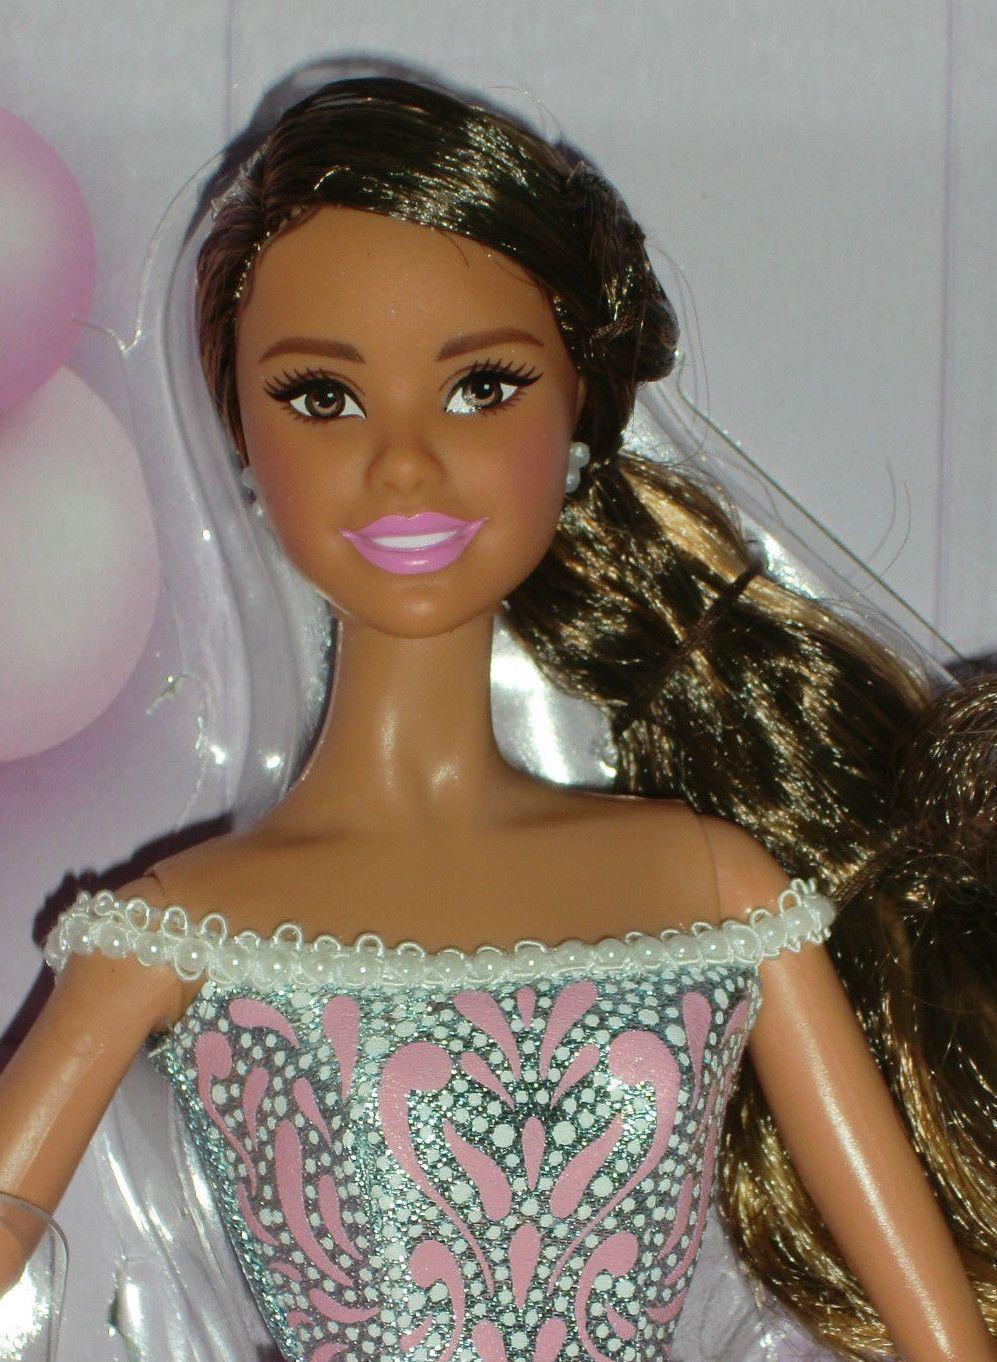 2017 Birthday Wishes Barbie NRFB Hispanic In Spielzeug Puppen Zubehor Mode Spielpuppen